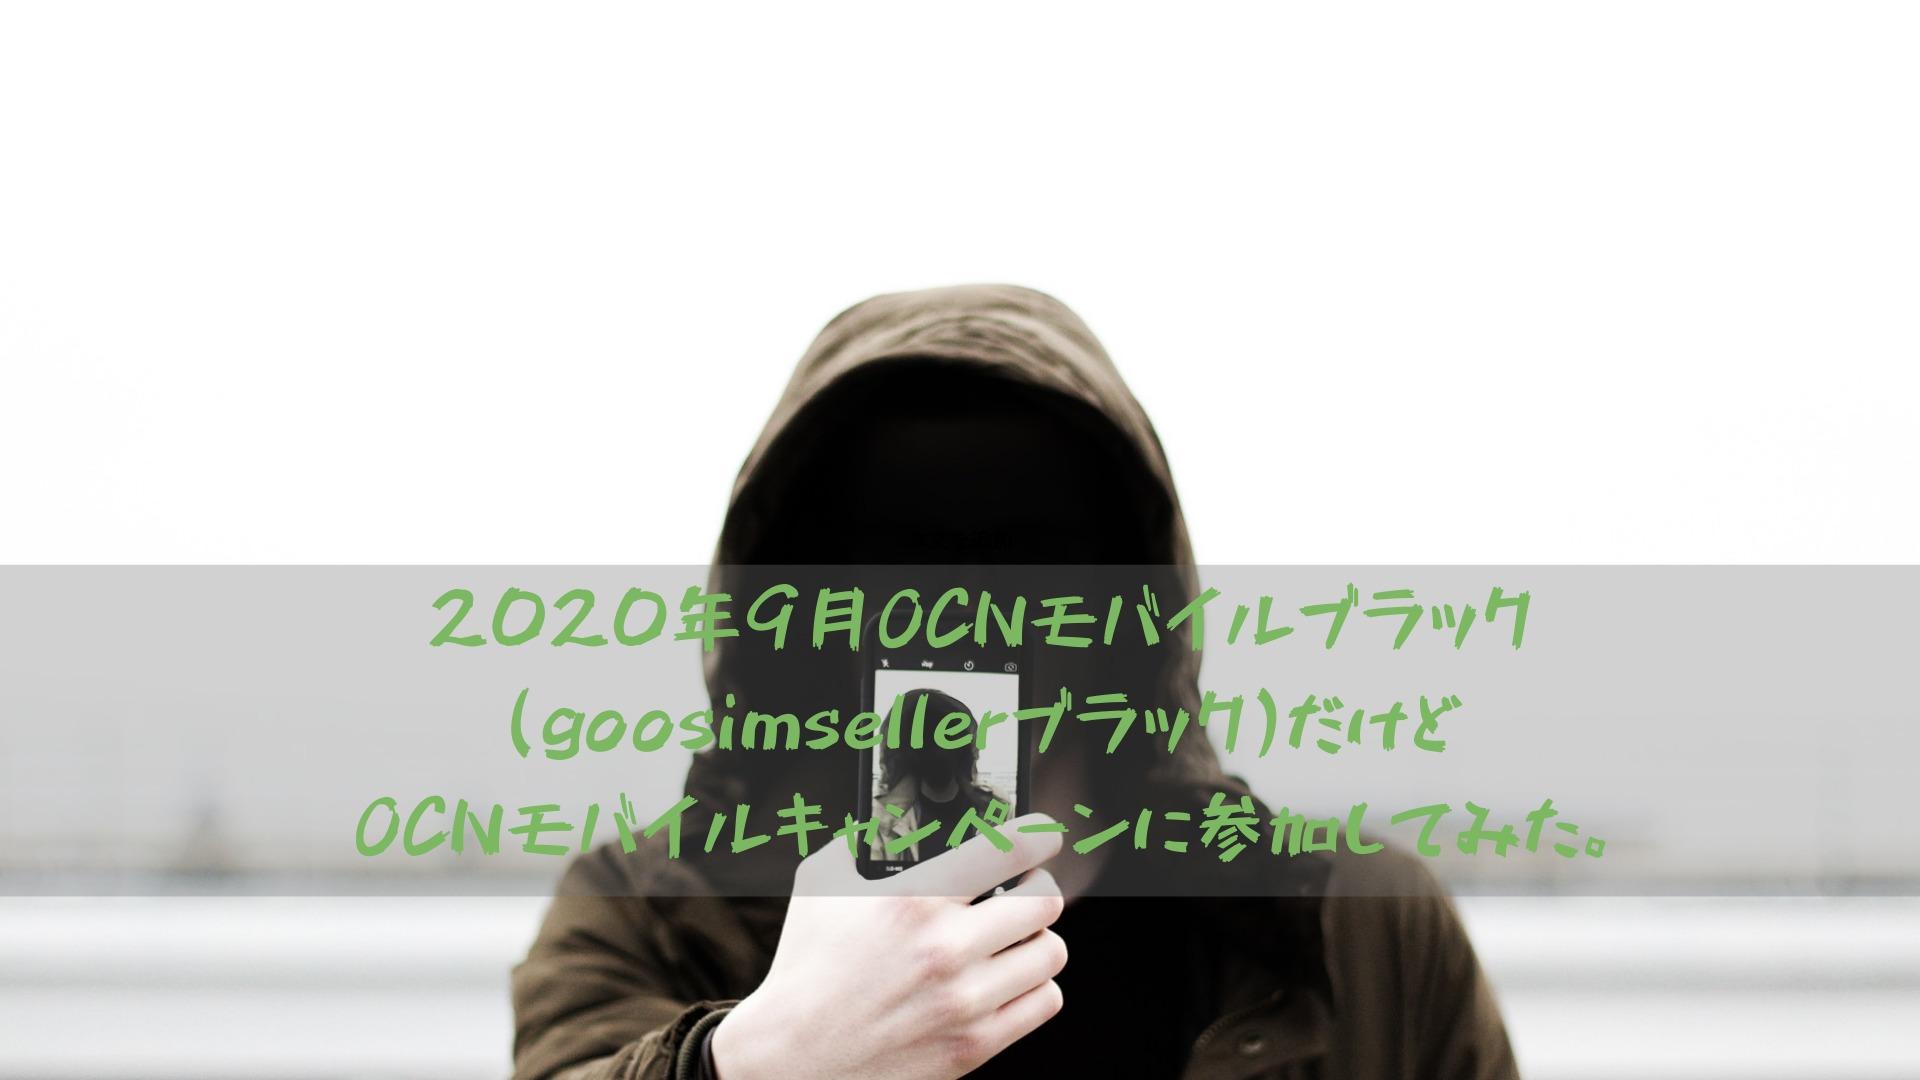 2020年9月OCNモバイルブラック(goosimsellerブラック)だけどOCNモバイルキャンペーンに参加してみた。